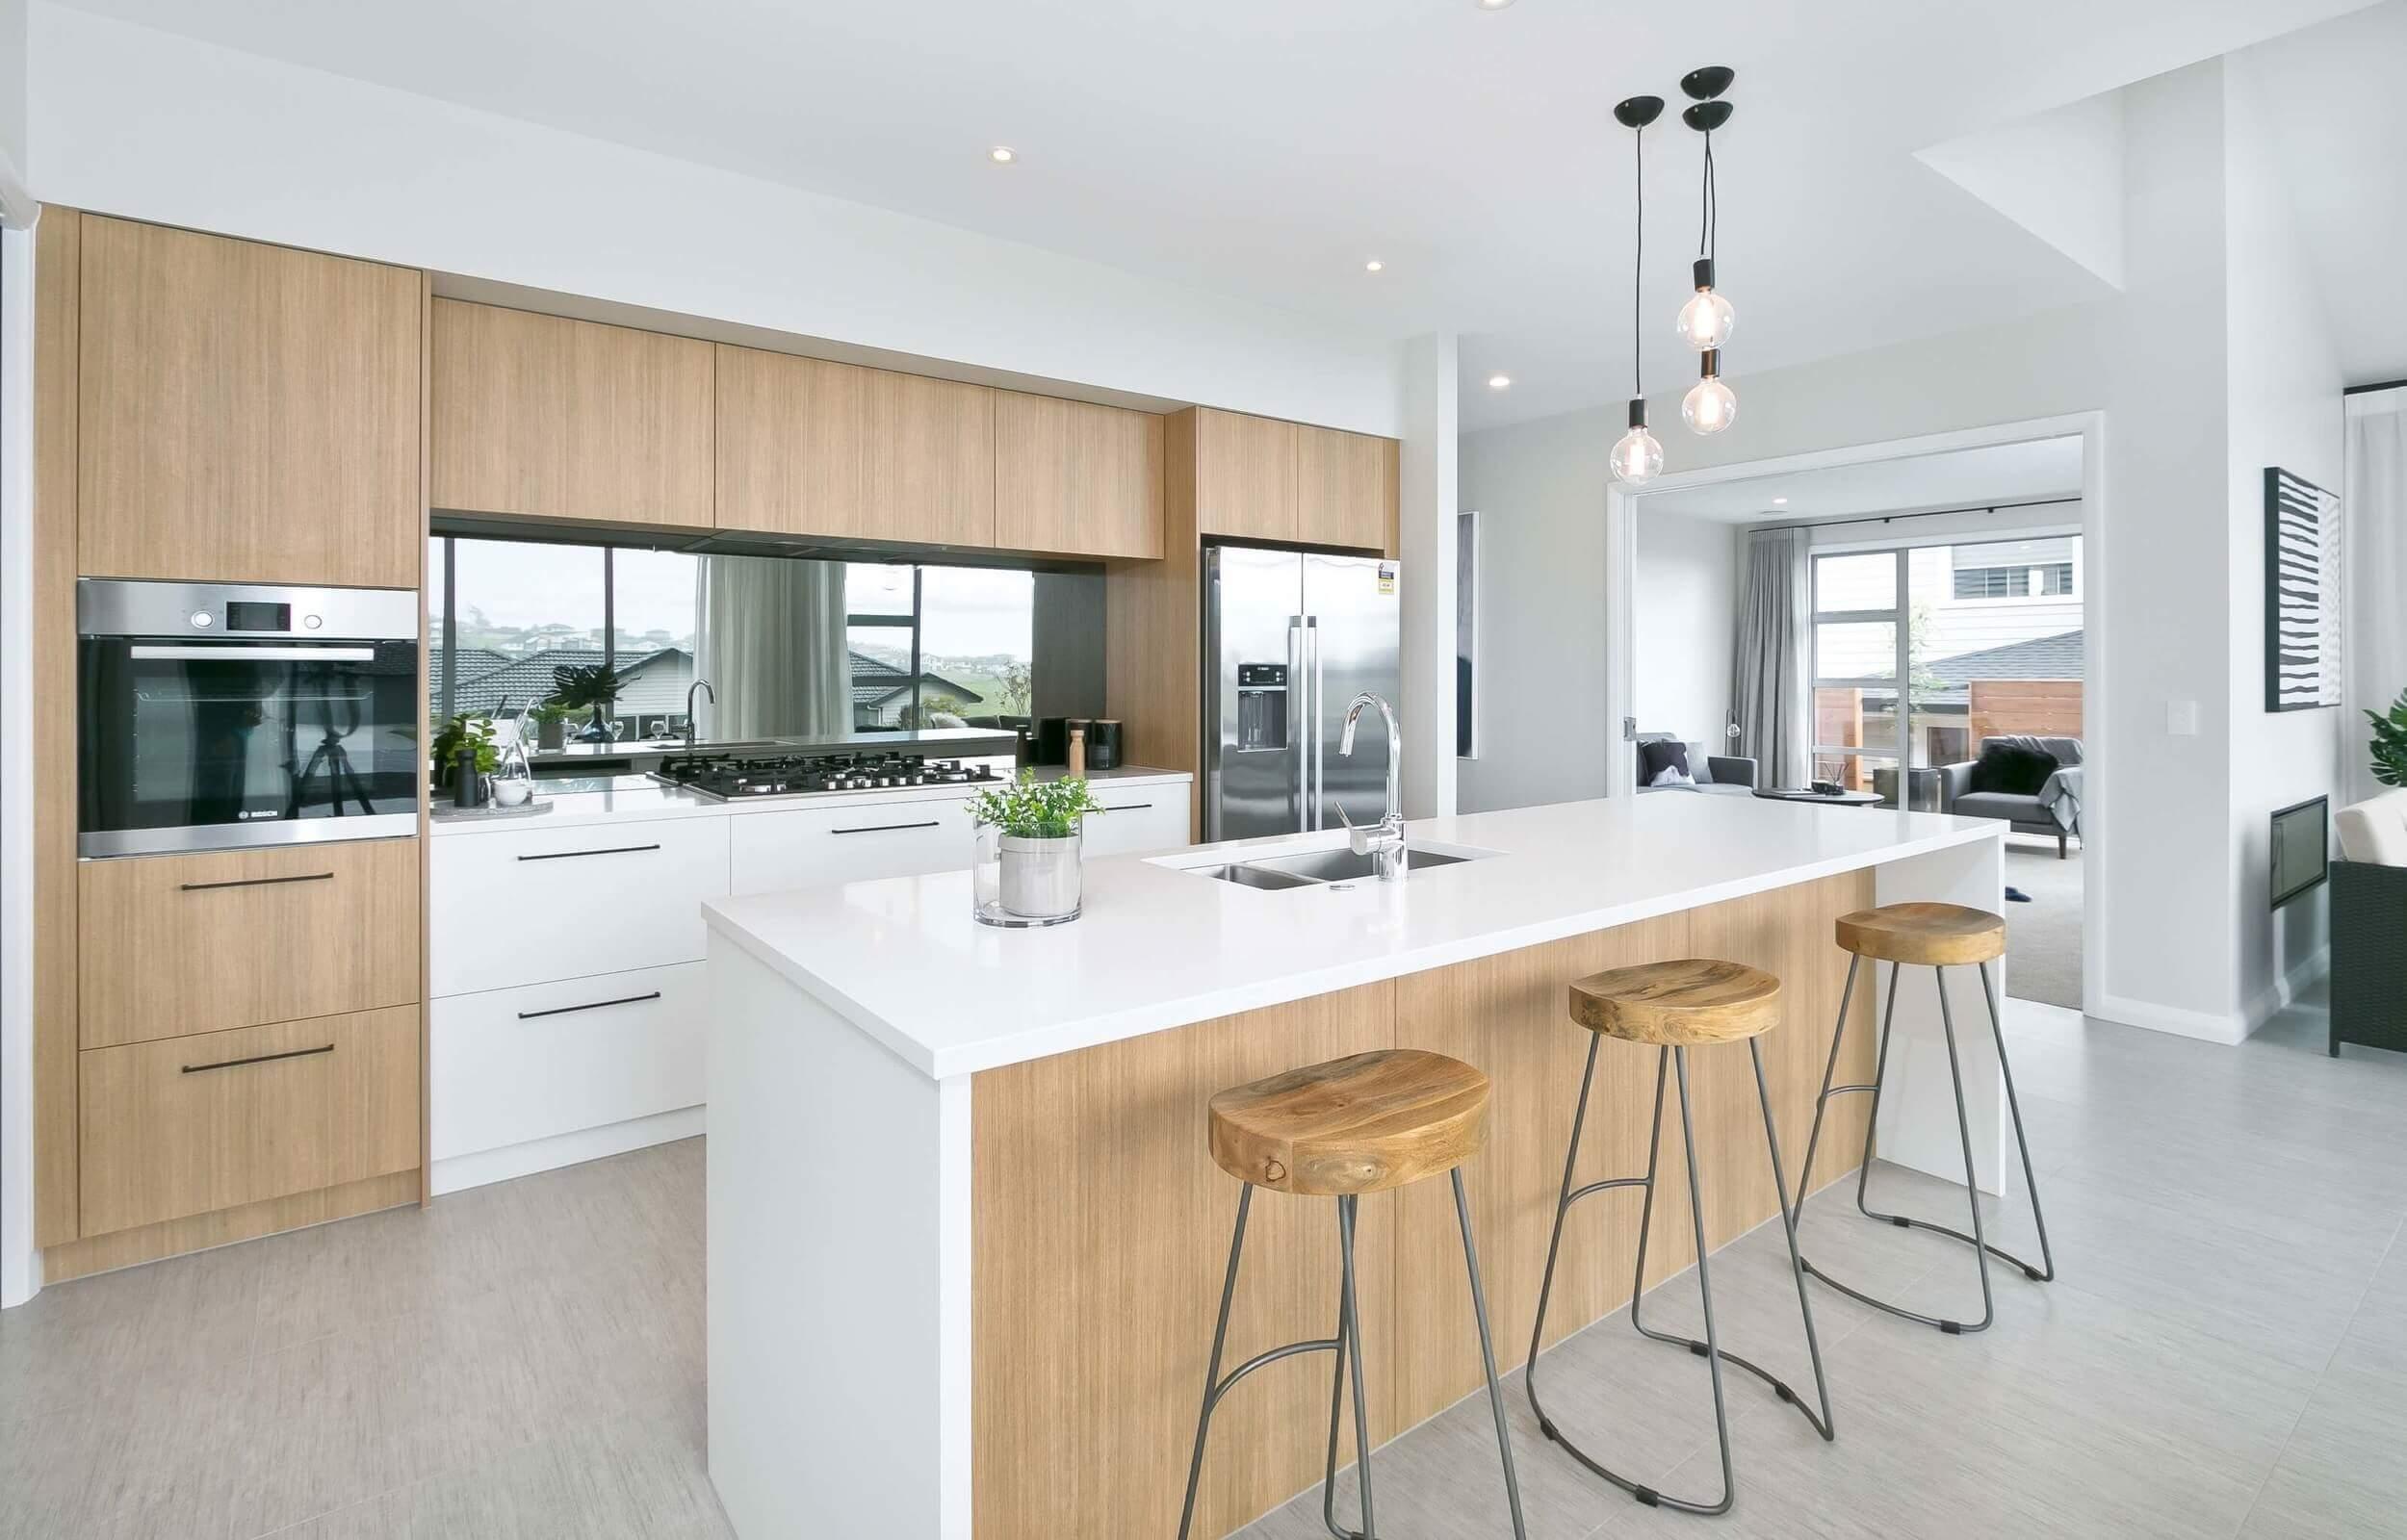 mirror-glass-splashback-modern-kitchen.jpg